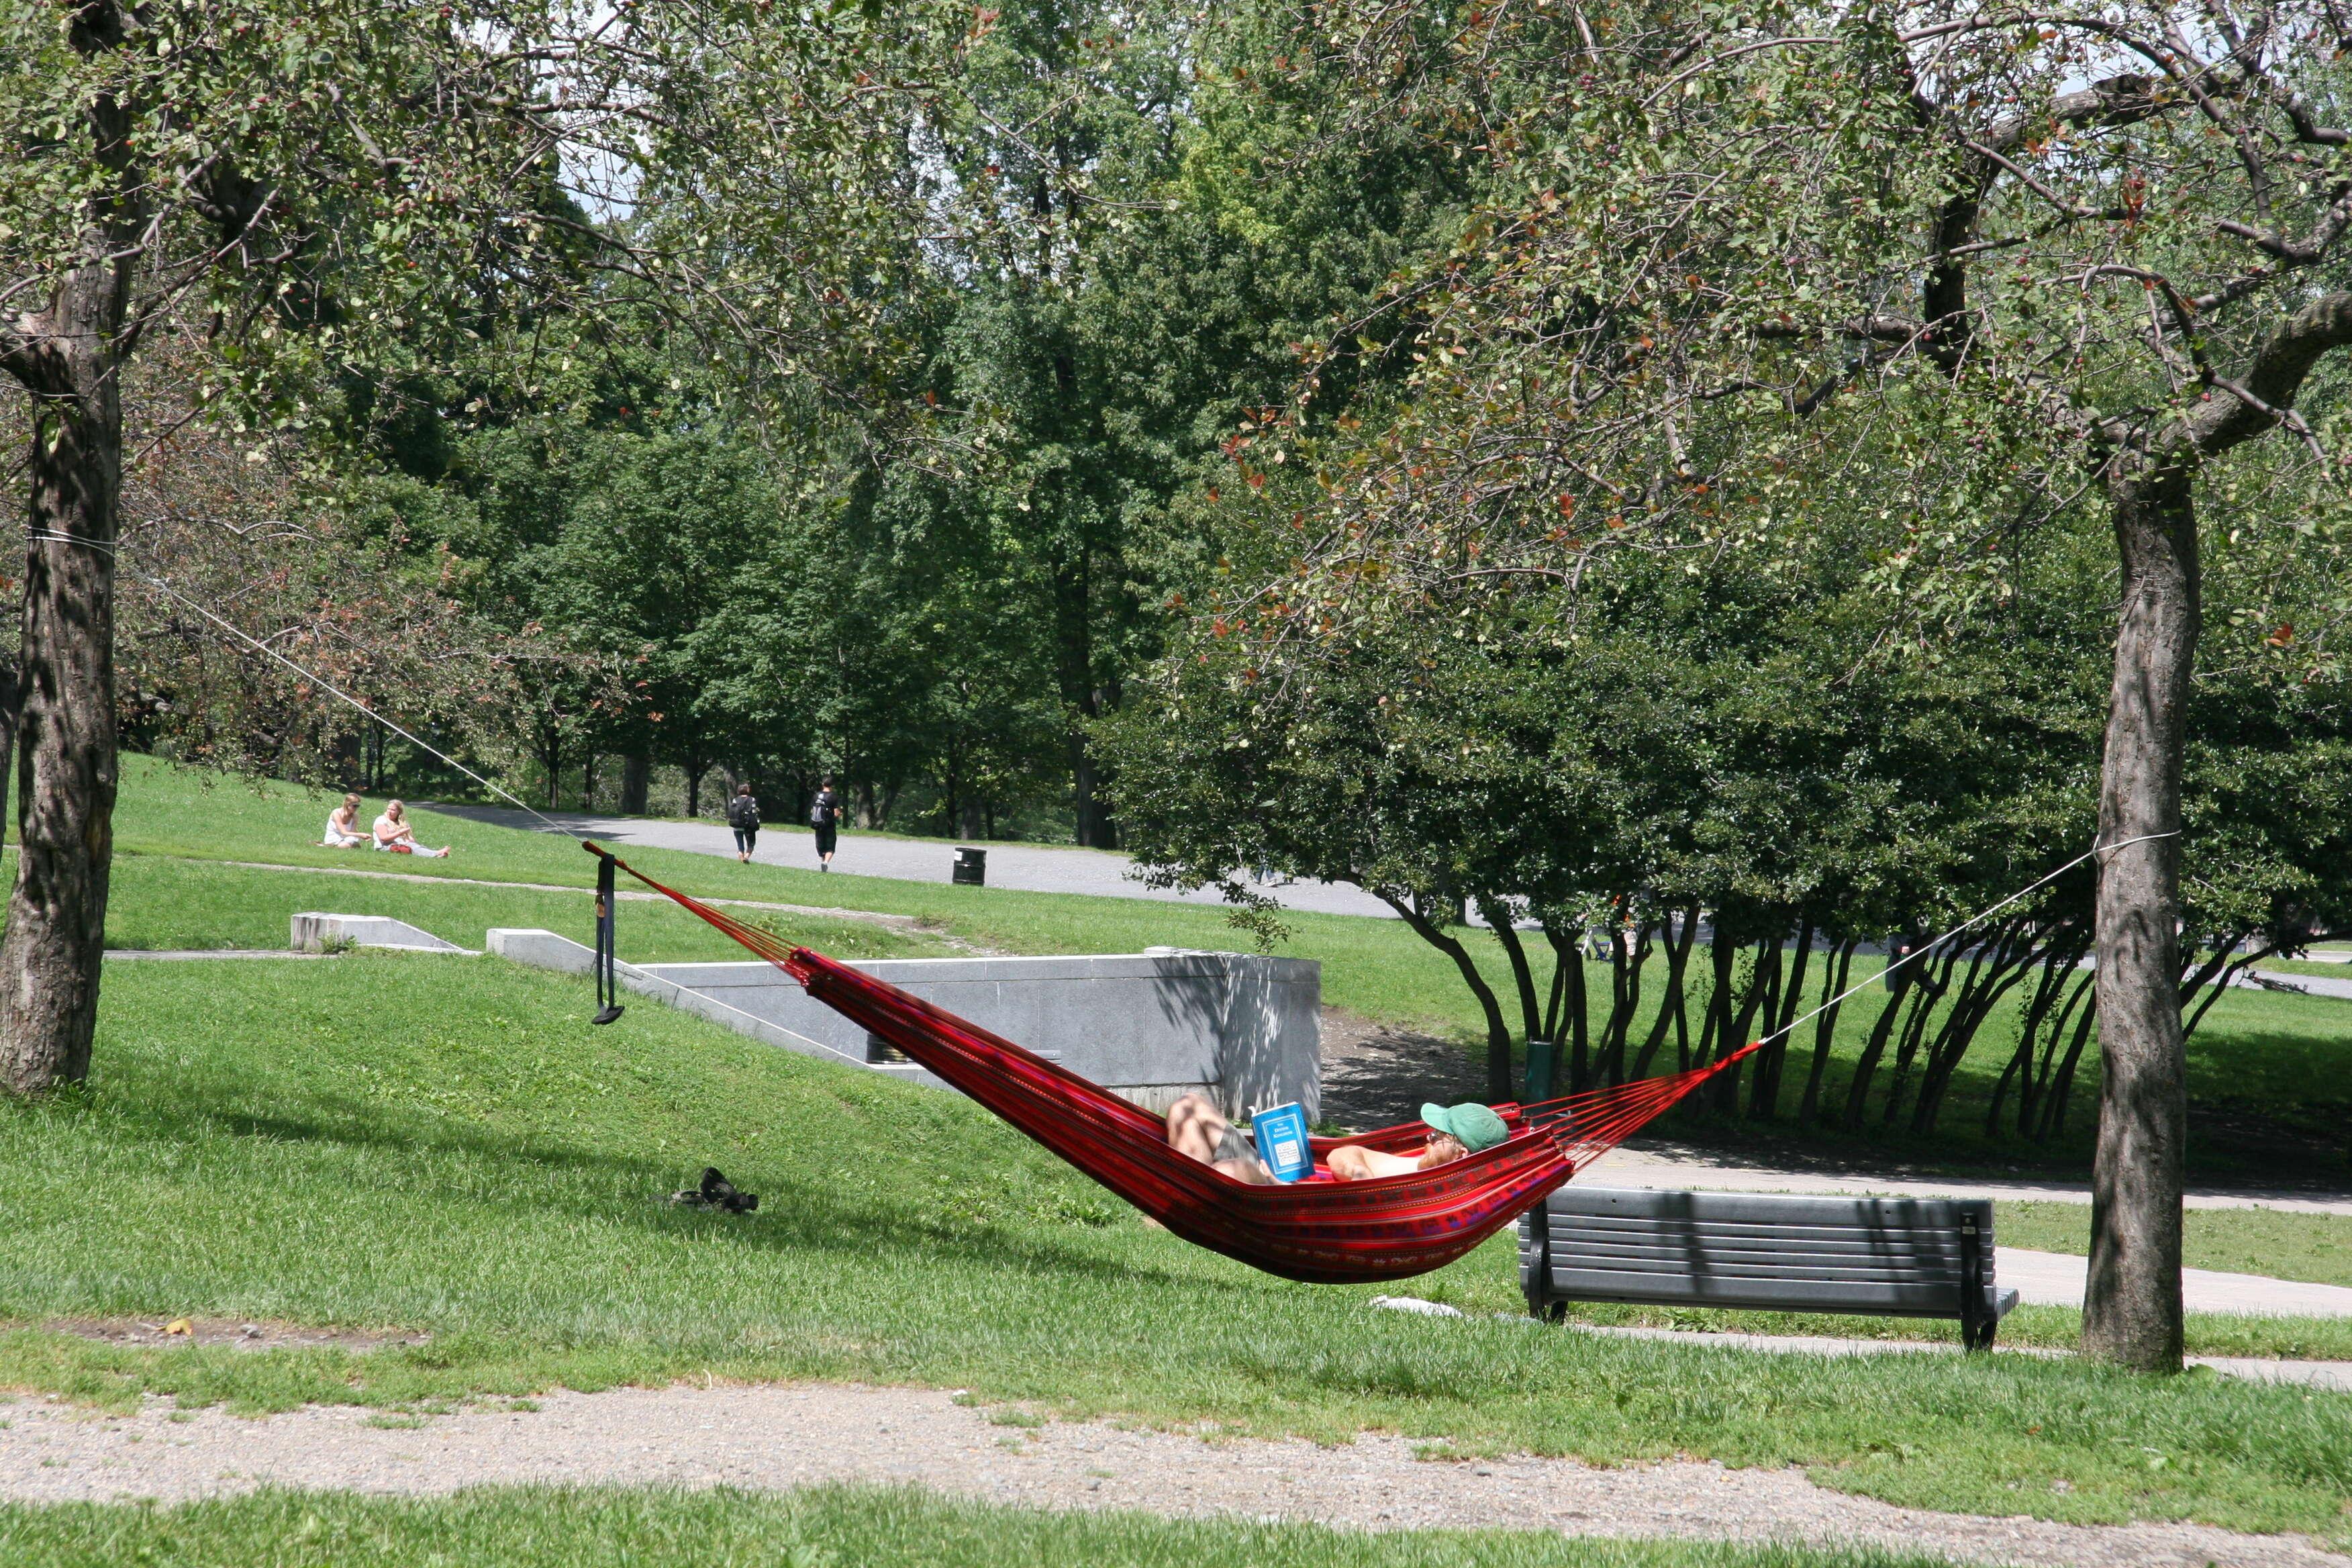 Montreal's largest greenspaces, Parc du Mont-Royal